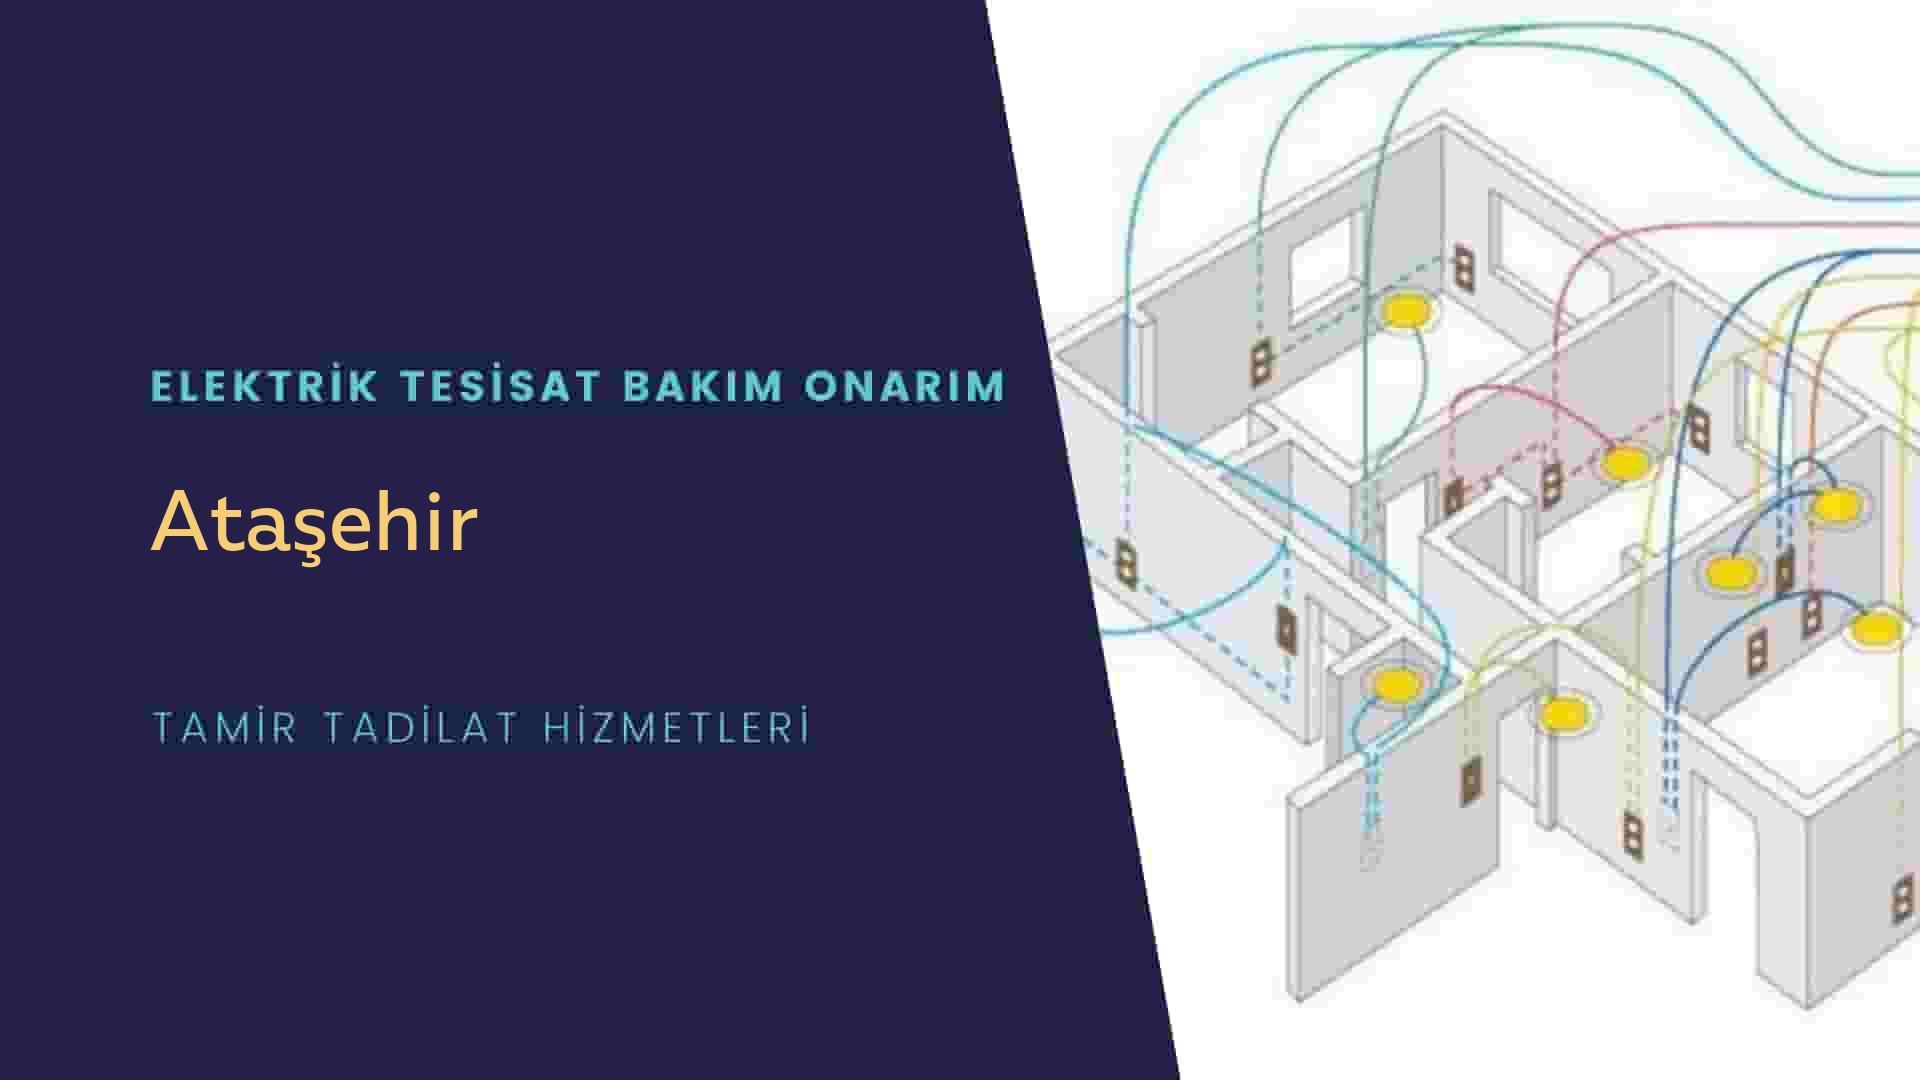 Ataşehir'de elektrik tesisatıustalarımı arıyorsunuz doğru adrestenizi Ataşehir elektrik tesisatı ustalarımız 7/24 sizlere hizmet vermekten mutluluk duyar.